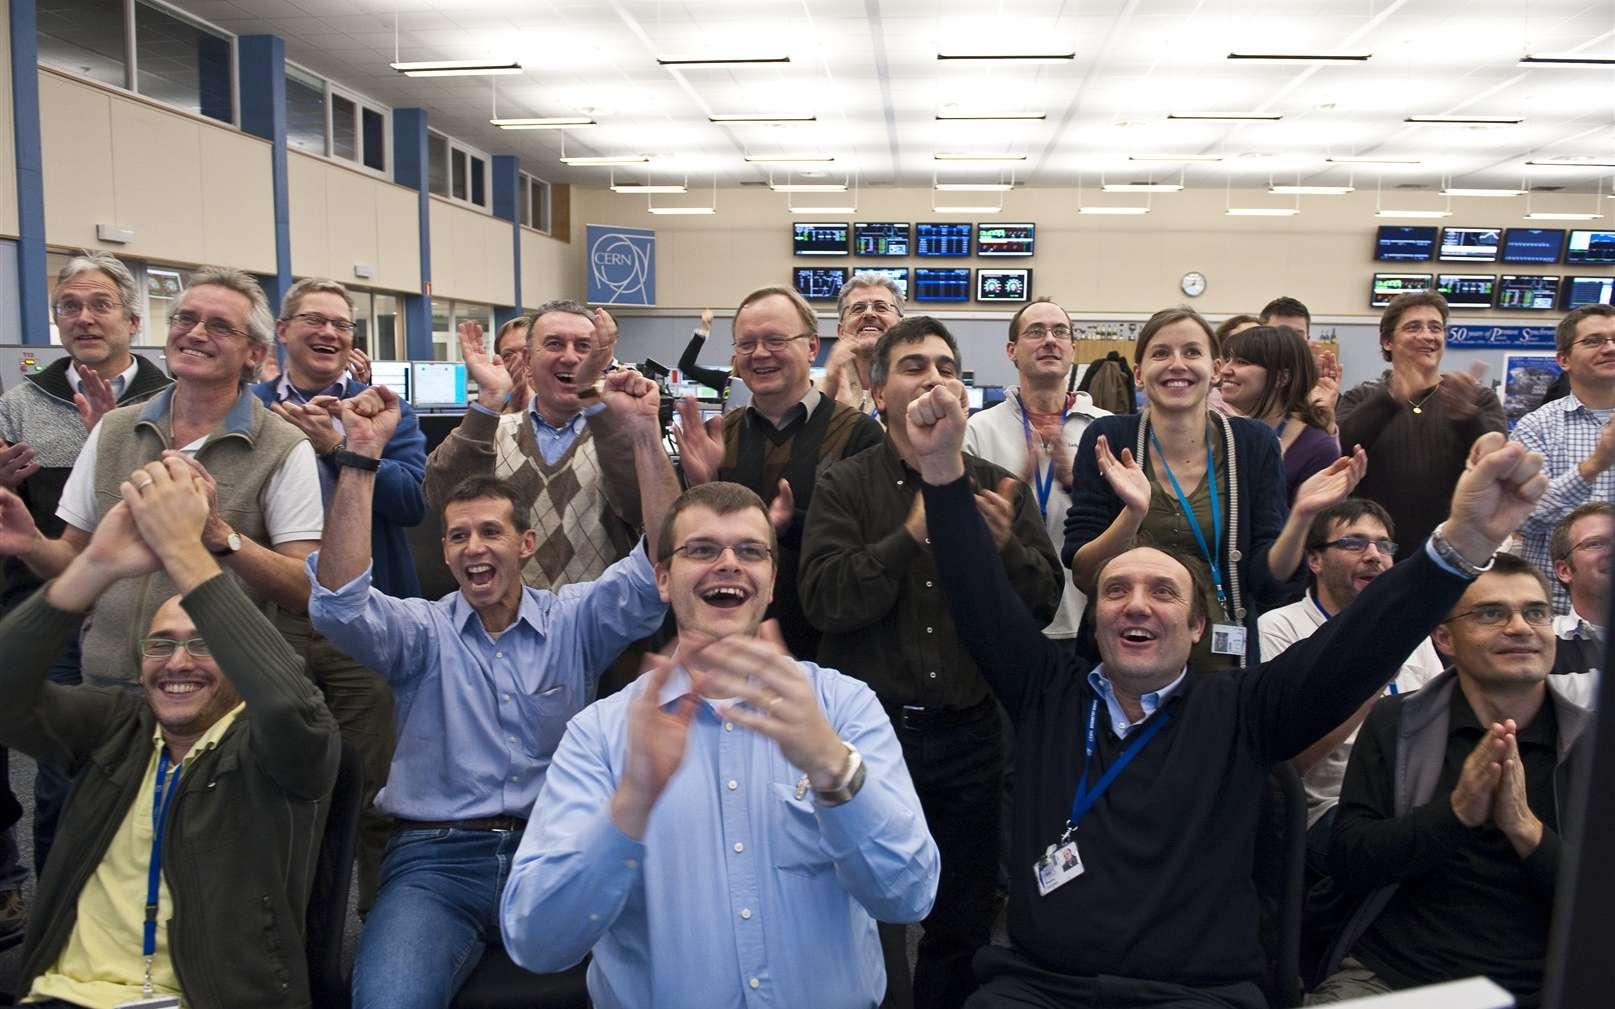 A 0 h 44 le 30 novembre 2009, le LHC bat son propre record d'énergie avec deux faisceaux atteignant 1,18 TeV. Les faisceaux ont été stoppés 45 minutes plus tard. On voit ici les réactions des physiciens dans la salle de contrôle du LHC. Crédit : CERN Photo Service; Maximilien Brice